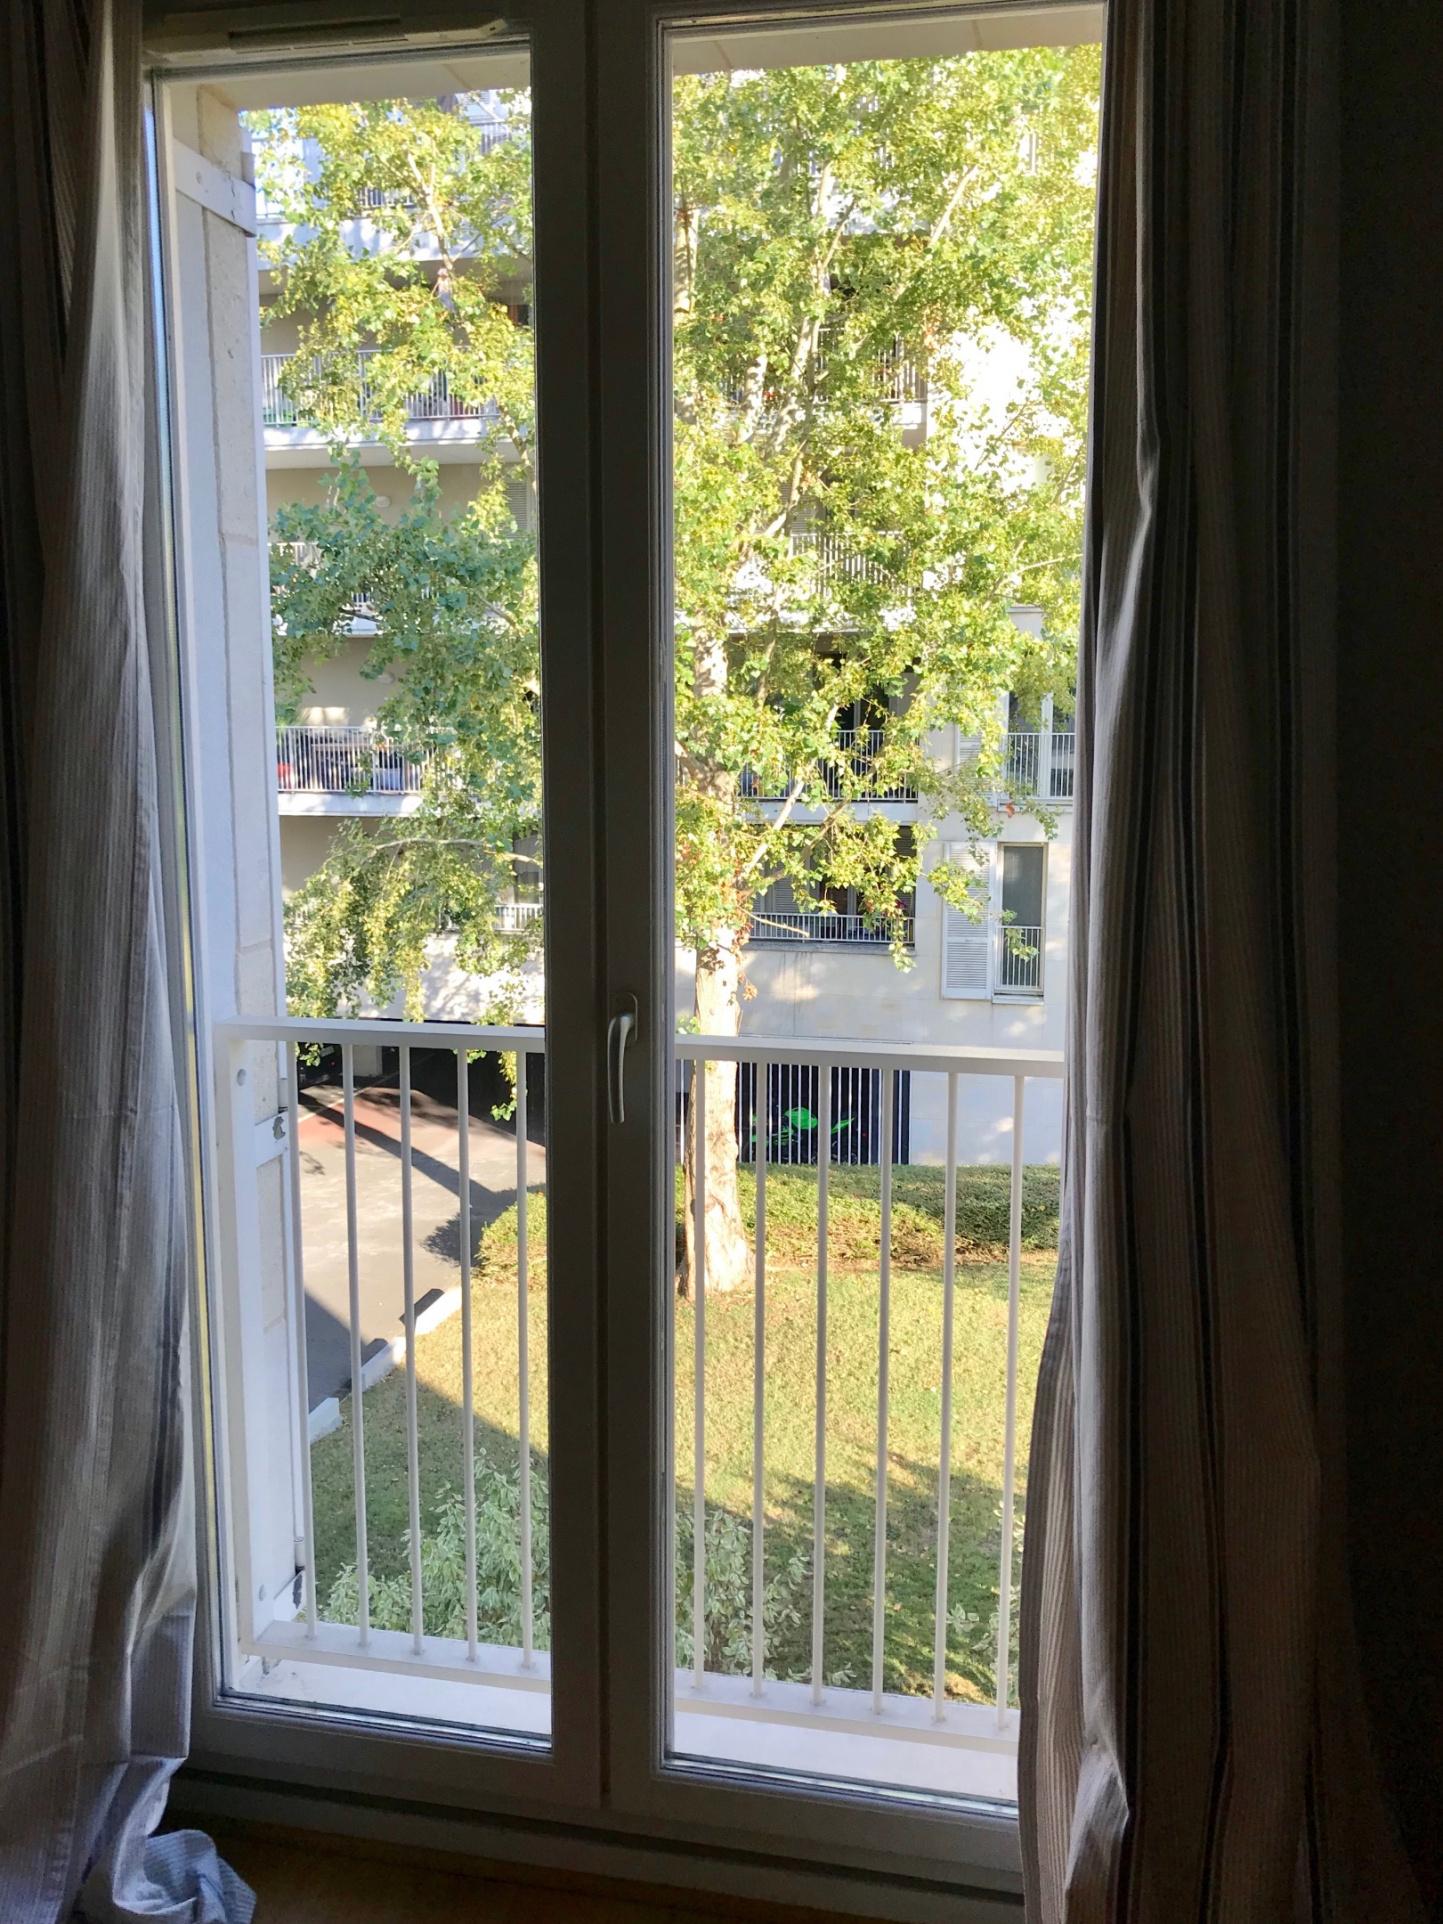 Location a louer chambre dans logement t4 avec jardin sur for Bordeaux bastide immobilier